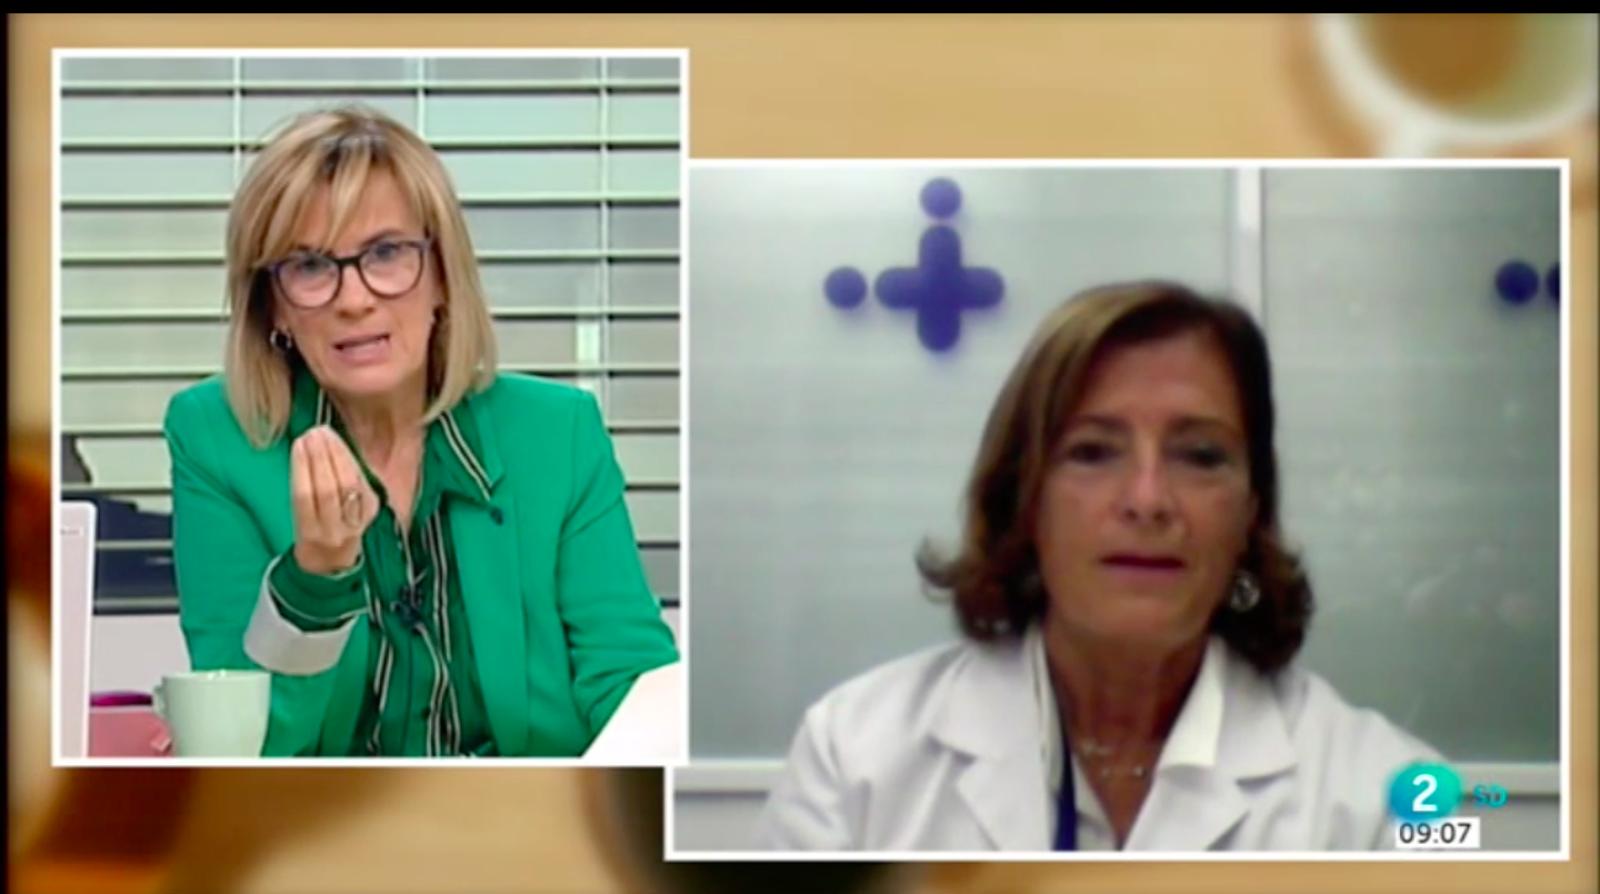 Cafè d'idees - Entrevista a Magda Campins, cap d'Epidemiologia de l'Hospital de la Vall d'Hebron